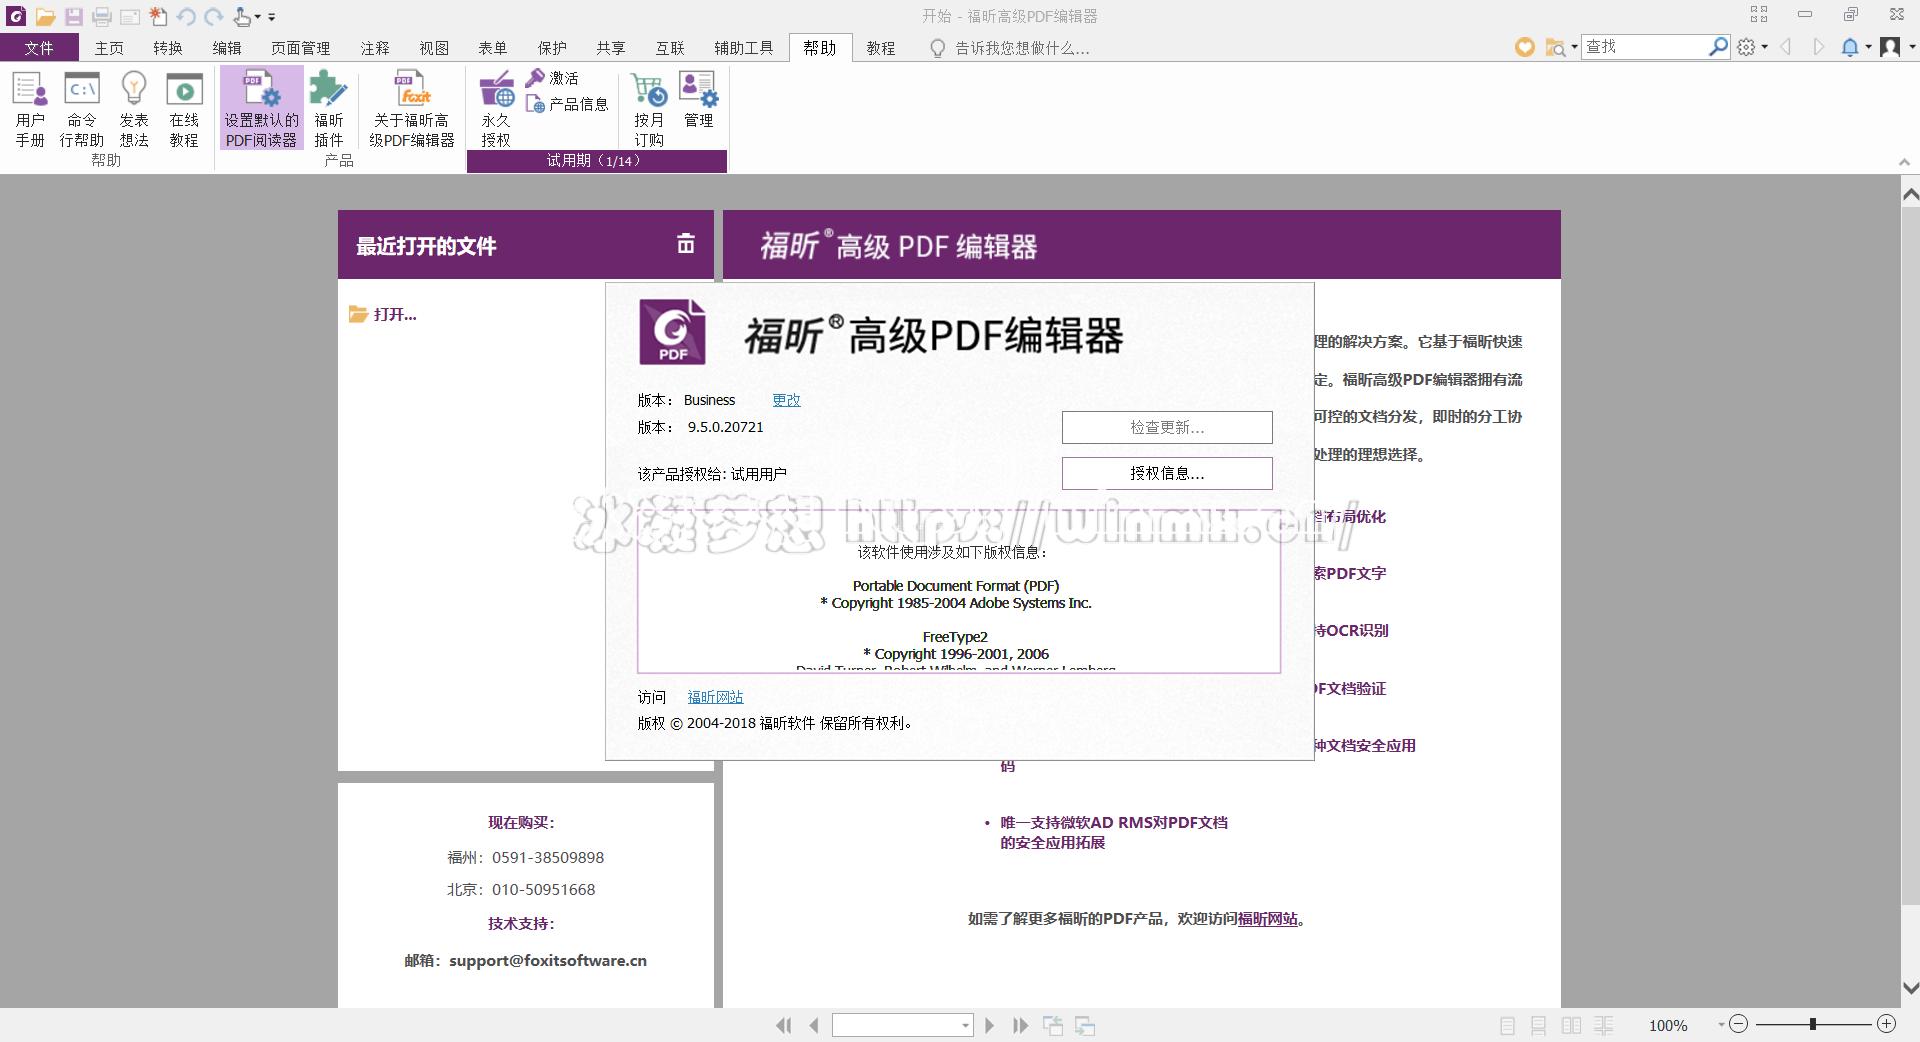 福昕 PDF 编辑器 9.5.0.20721 企业特别版